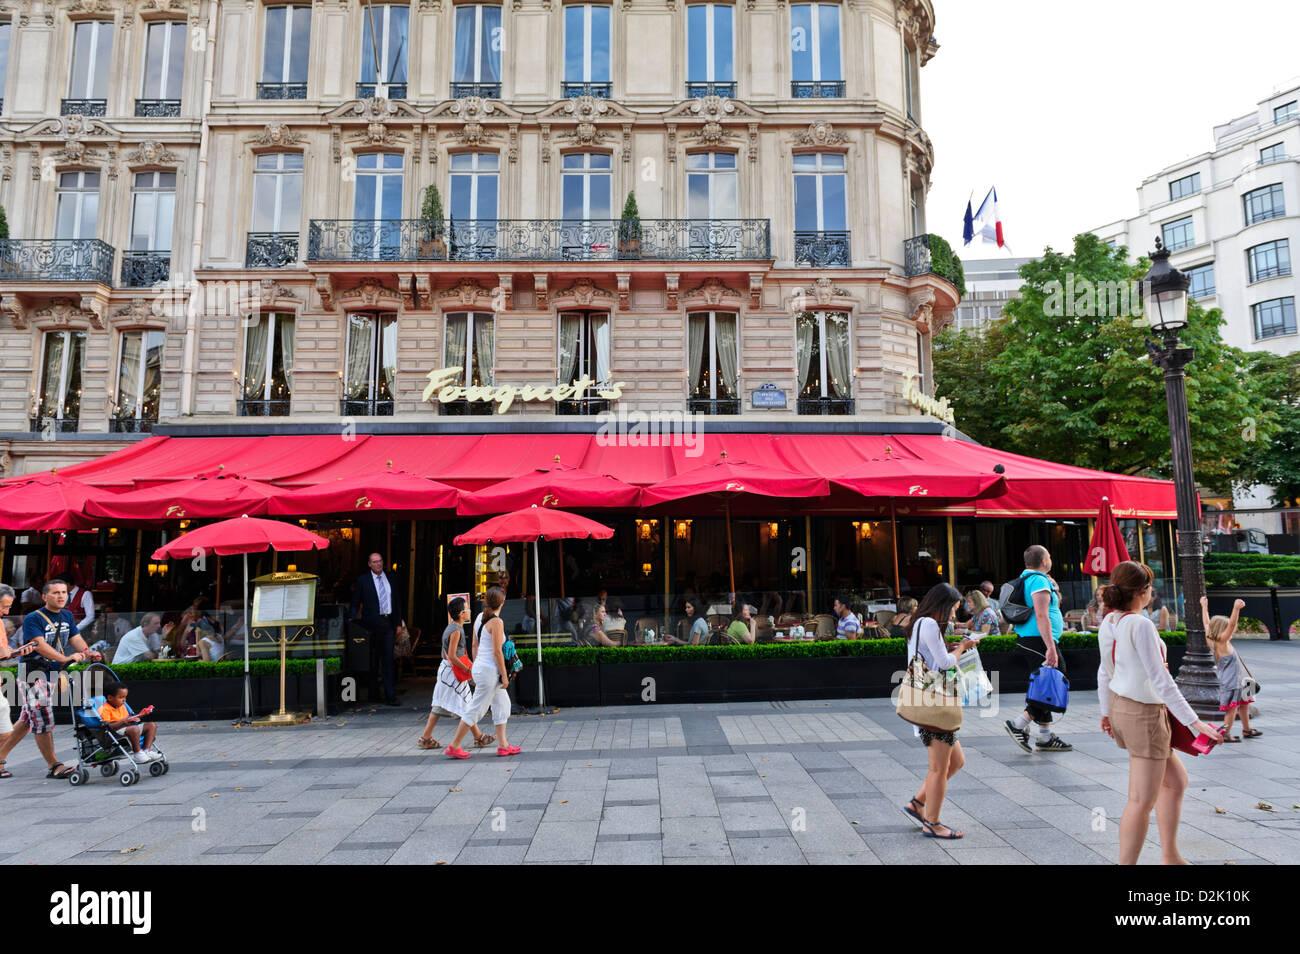 Fouguest's Restaurant, Champs Elysees, Paris, France. - Stock Image